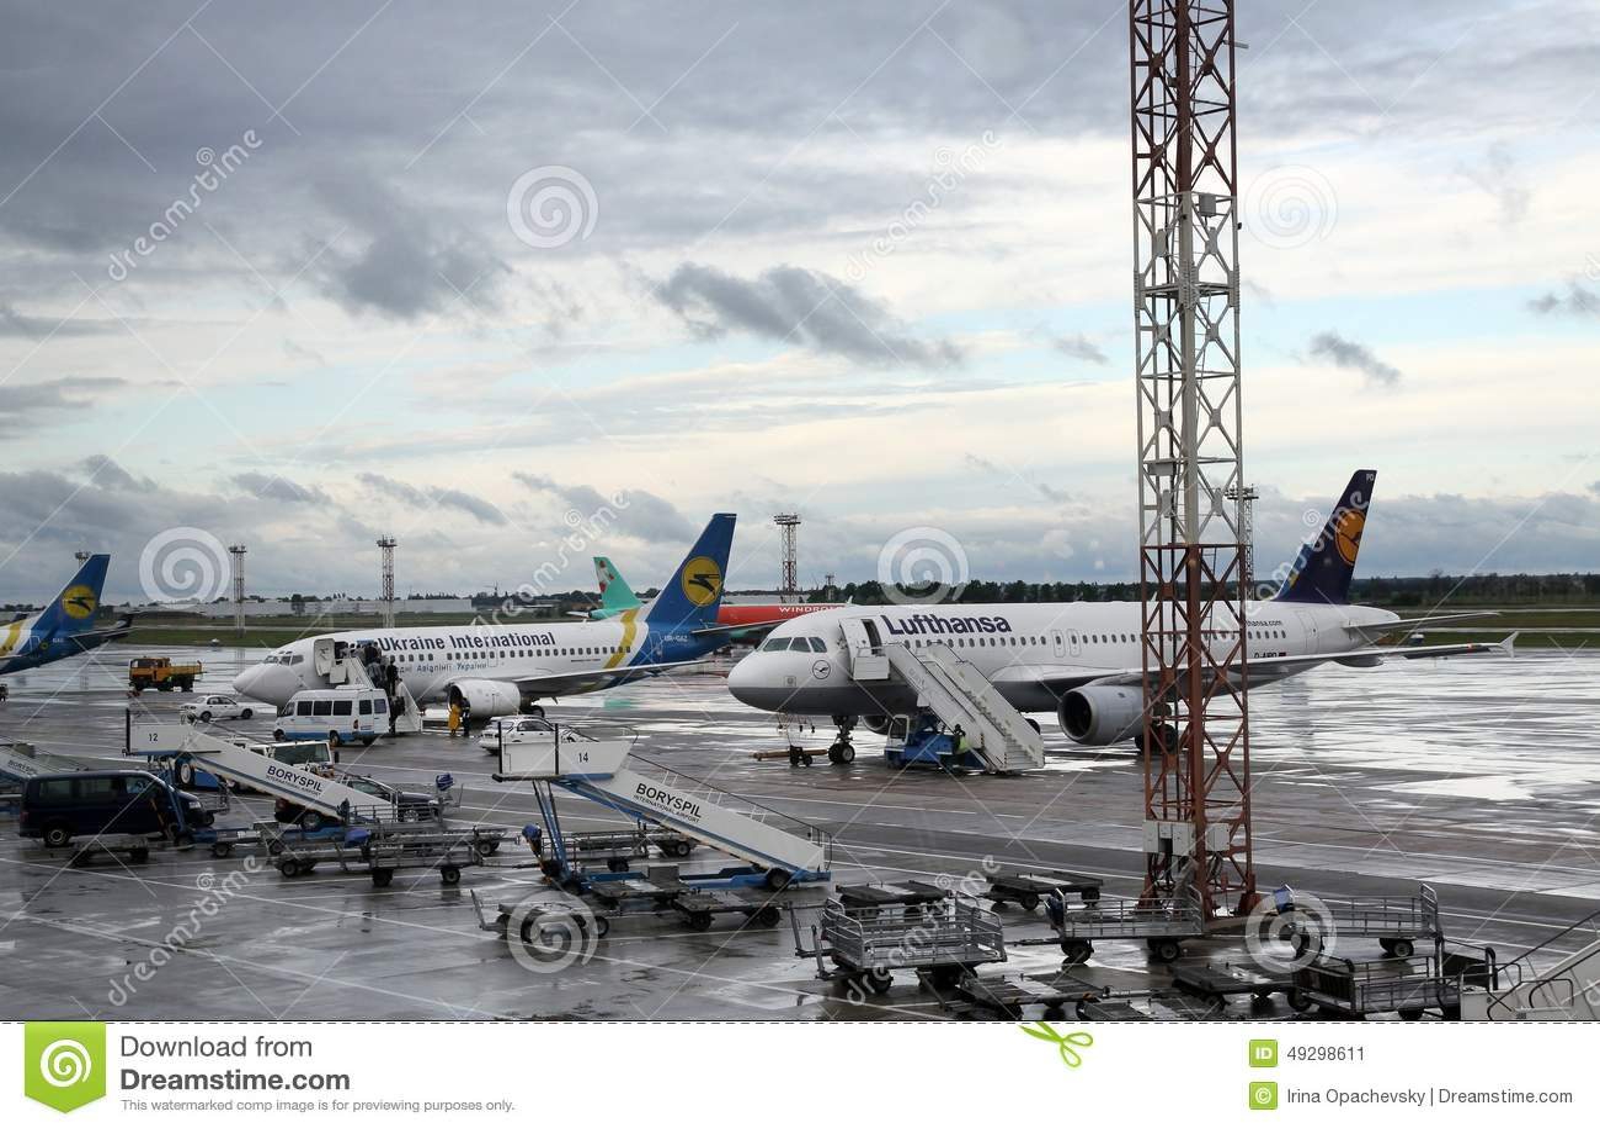 Aeroporto Kiev : Aviões comerciais no aeroporto boryspil kiev foto editorial